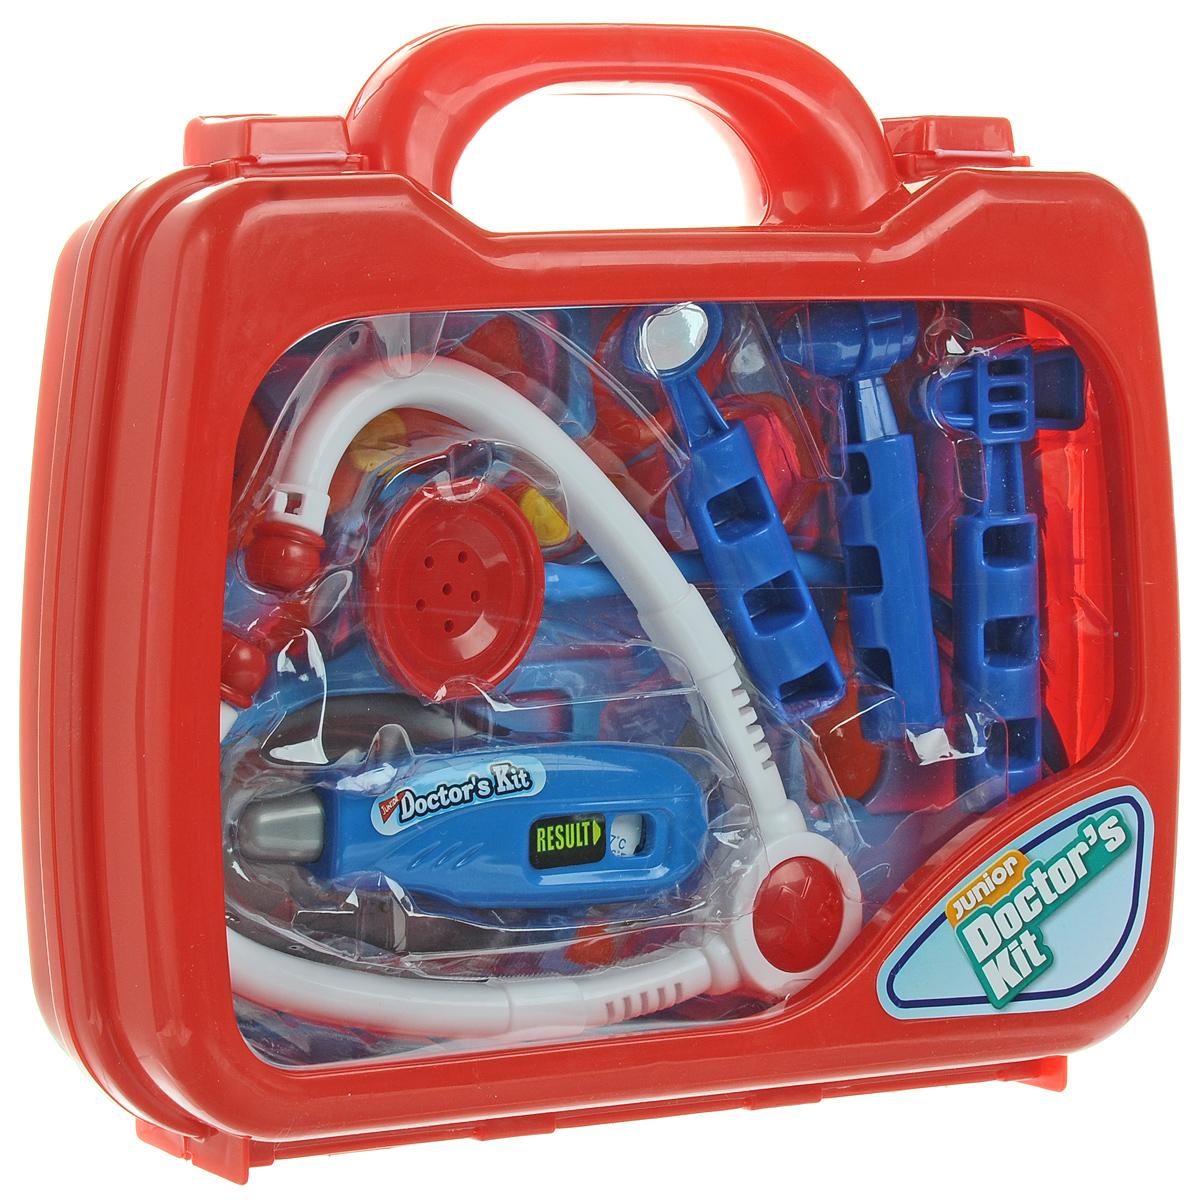 Keenway Игровой набор  Doctor's Kit  - Сюжетно-ролевые игрушки